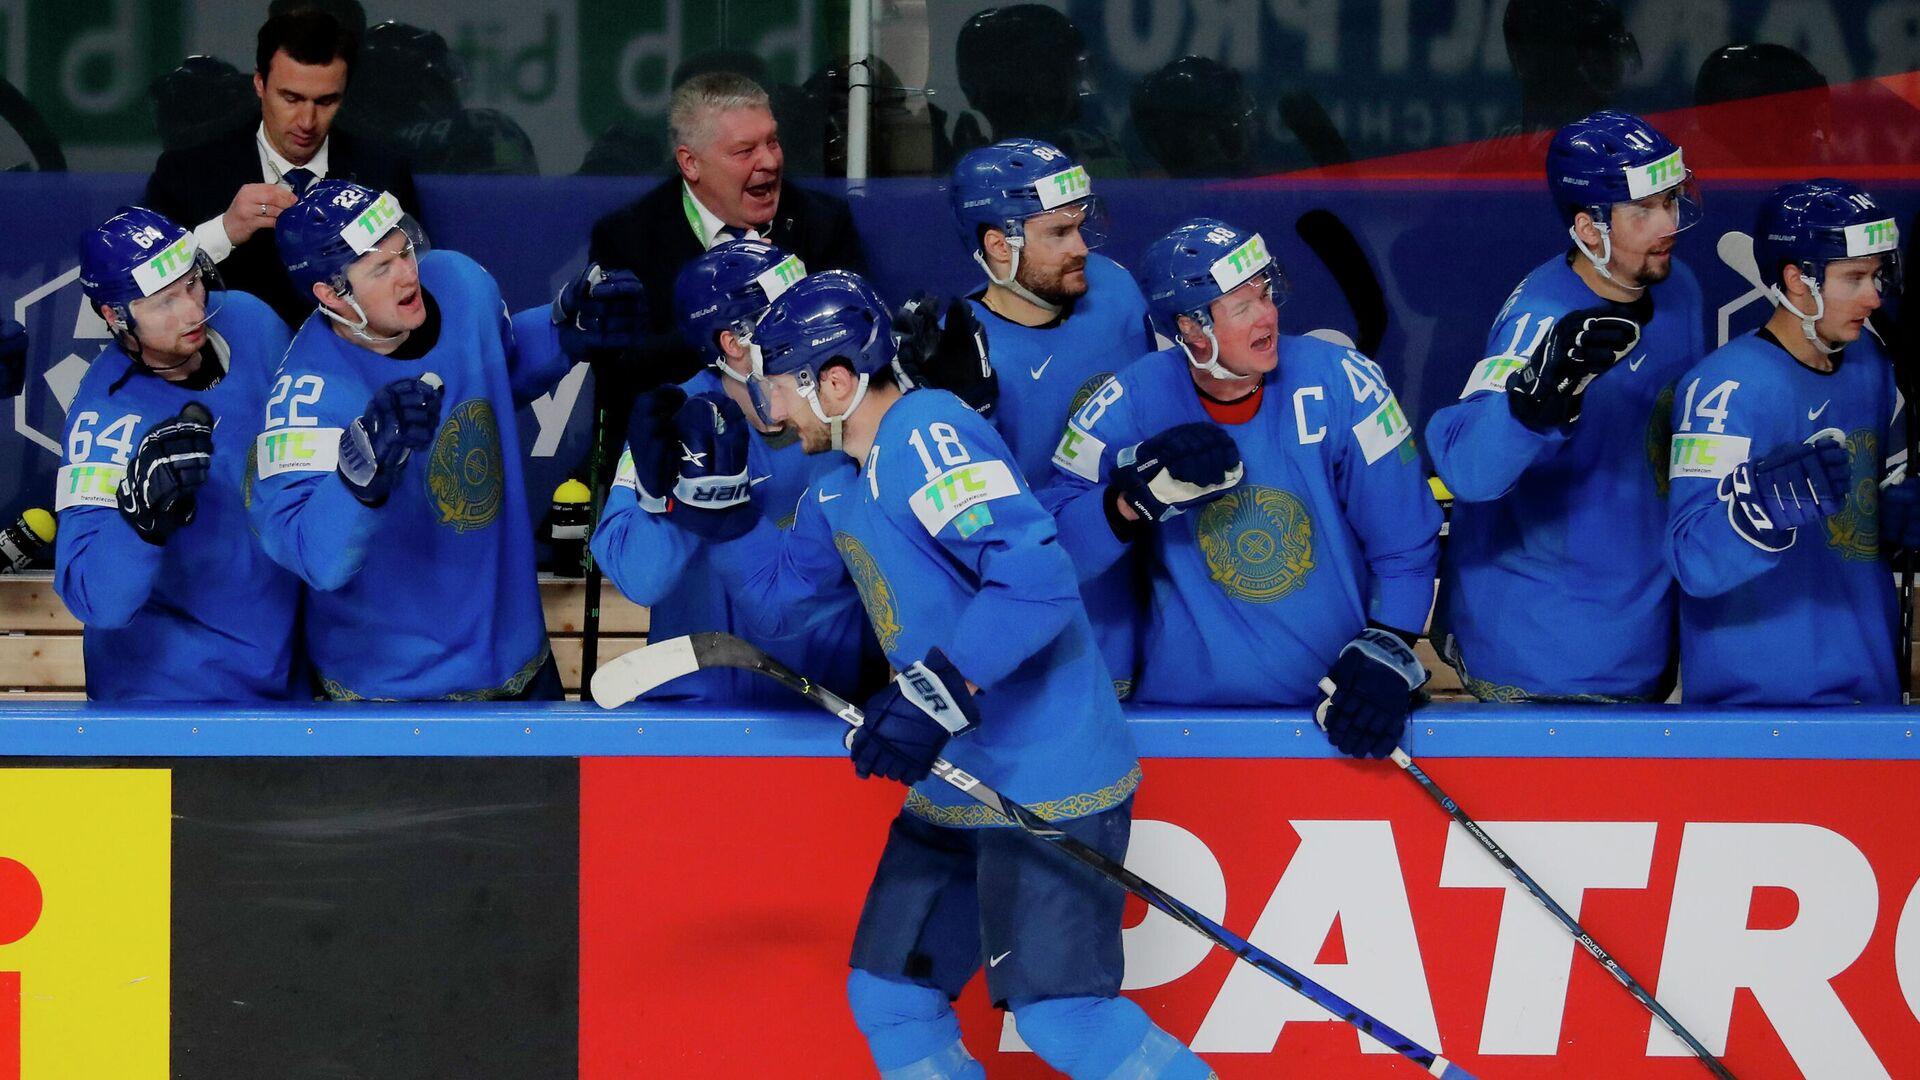 Хоккеисты сборной Казахстана - РИА Новости, 1920, 26.05.2021